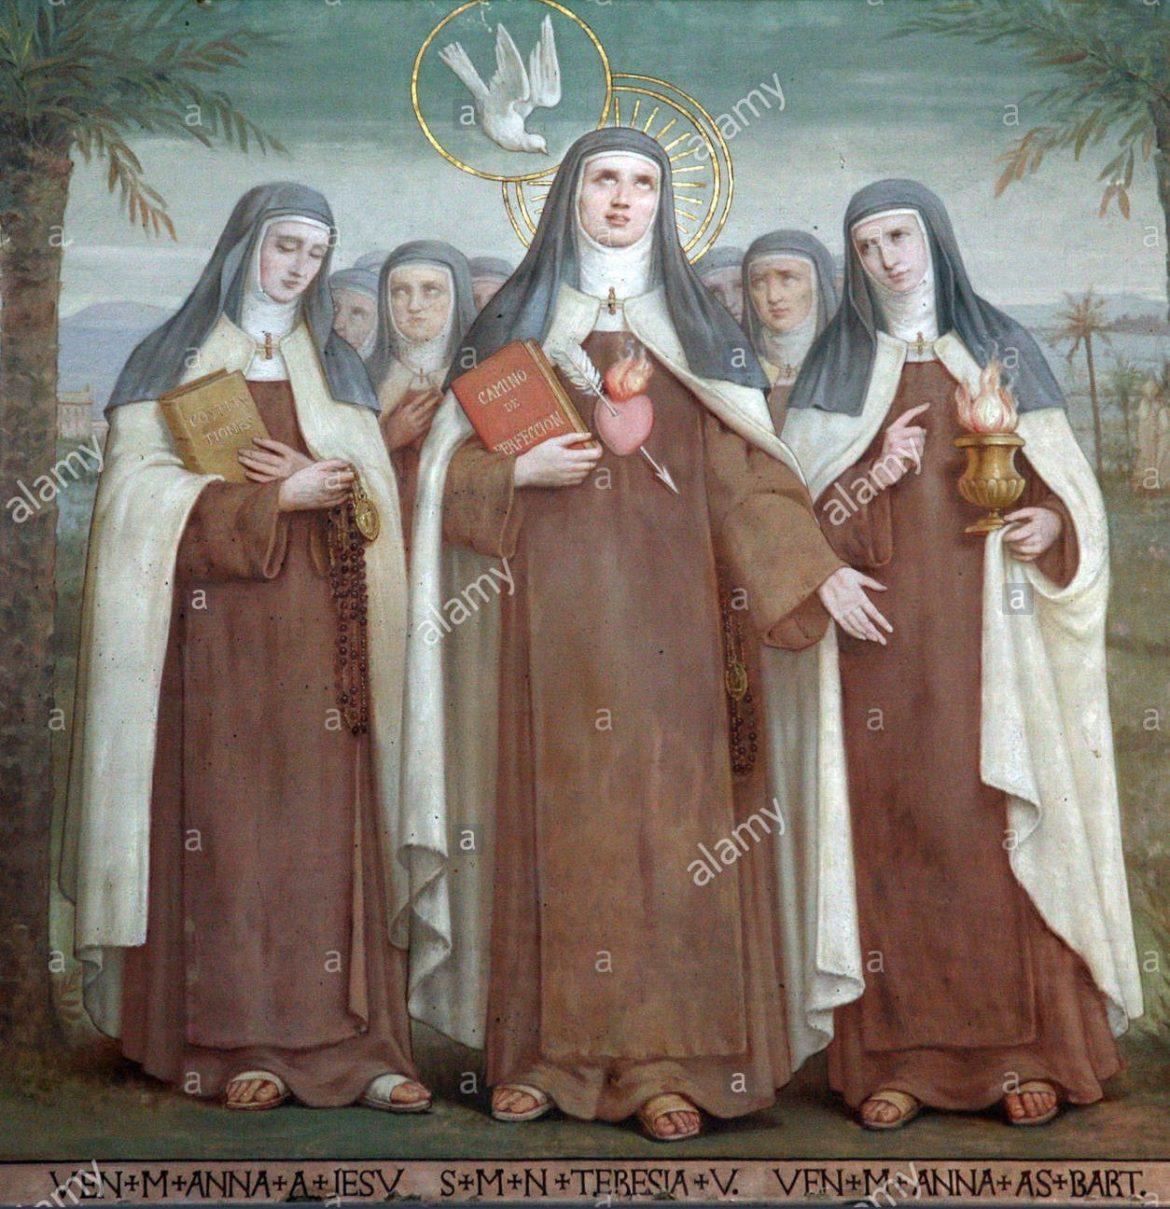 bl-anna-maria-von-jesus-die-heilige-teresa-von-avila-und-bl-anne-des-hl-bartholomaus-karmeliten-heiligen-kirche-stella-maris-haifa-israel-cc3f3p